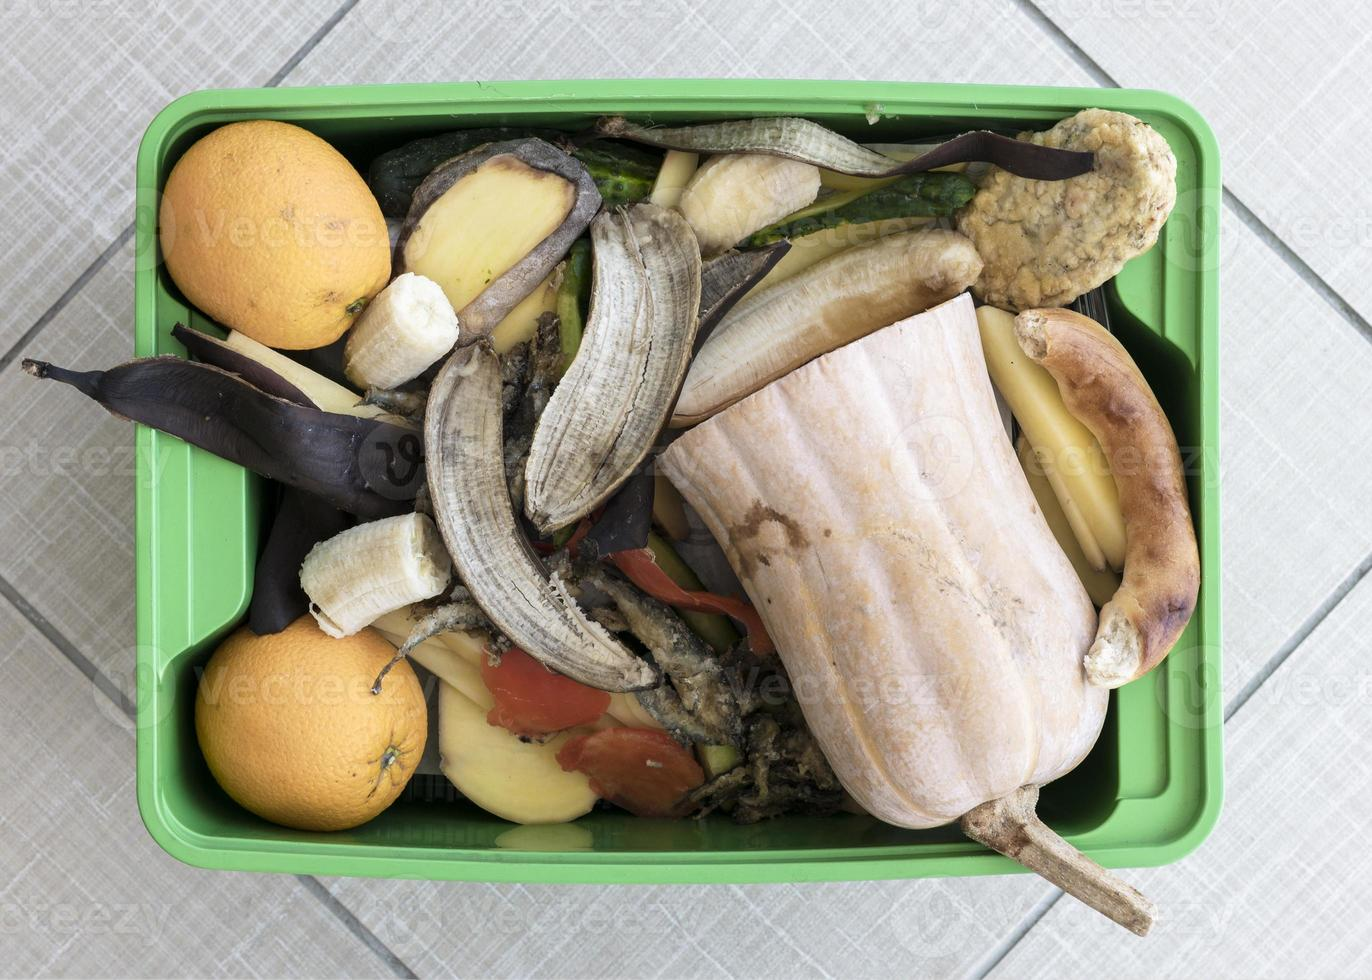 vue de dessus bac de recyclage avec des légumes biologiques photo